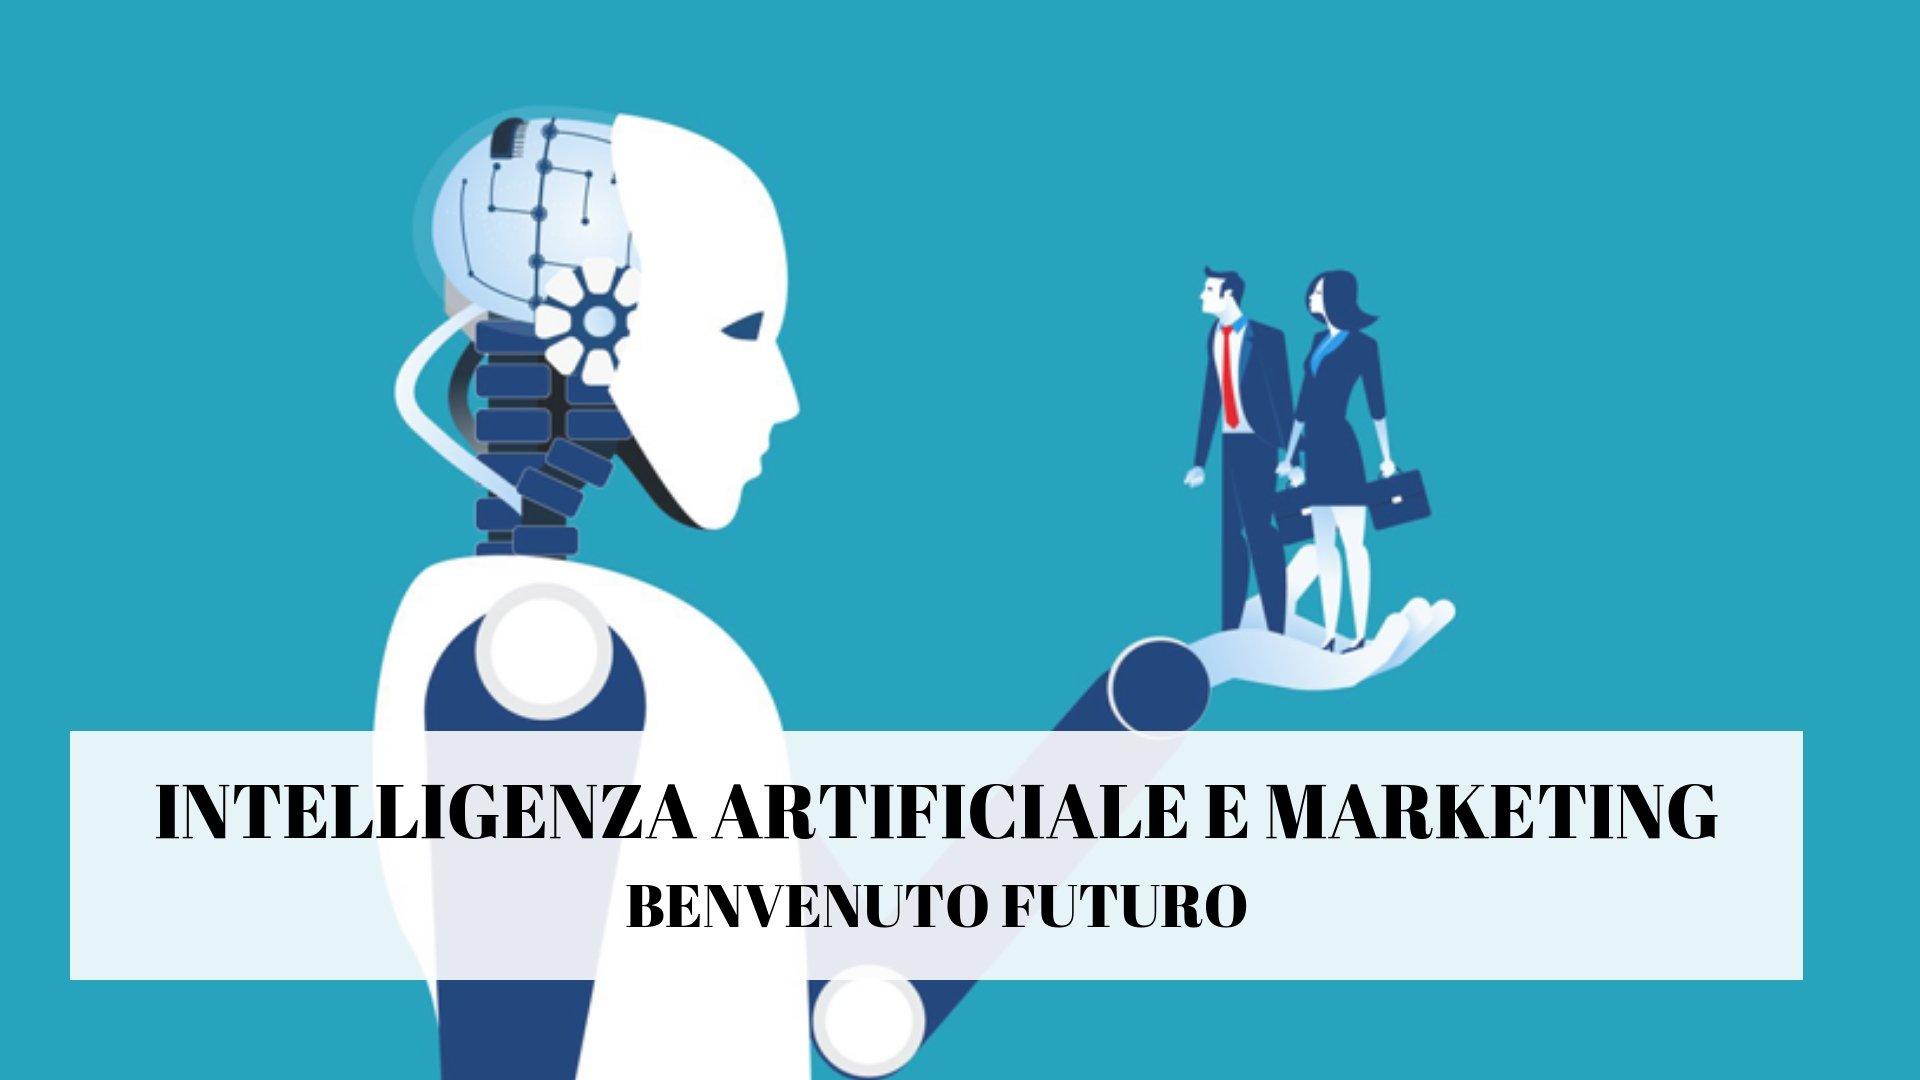 IA e Marketing: percezione, applicazione e nuove sfide